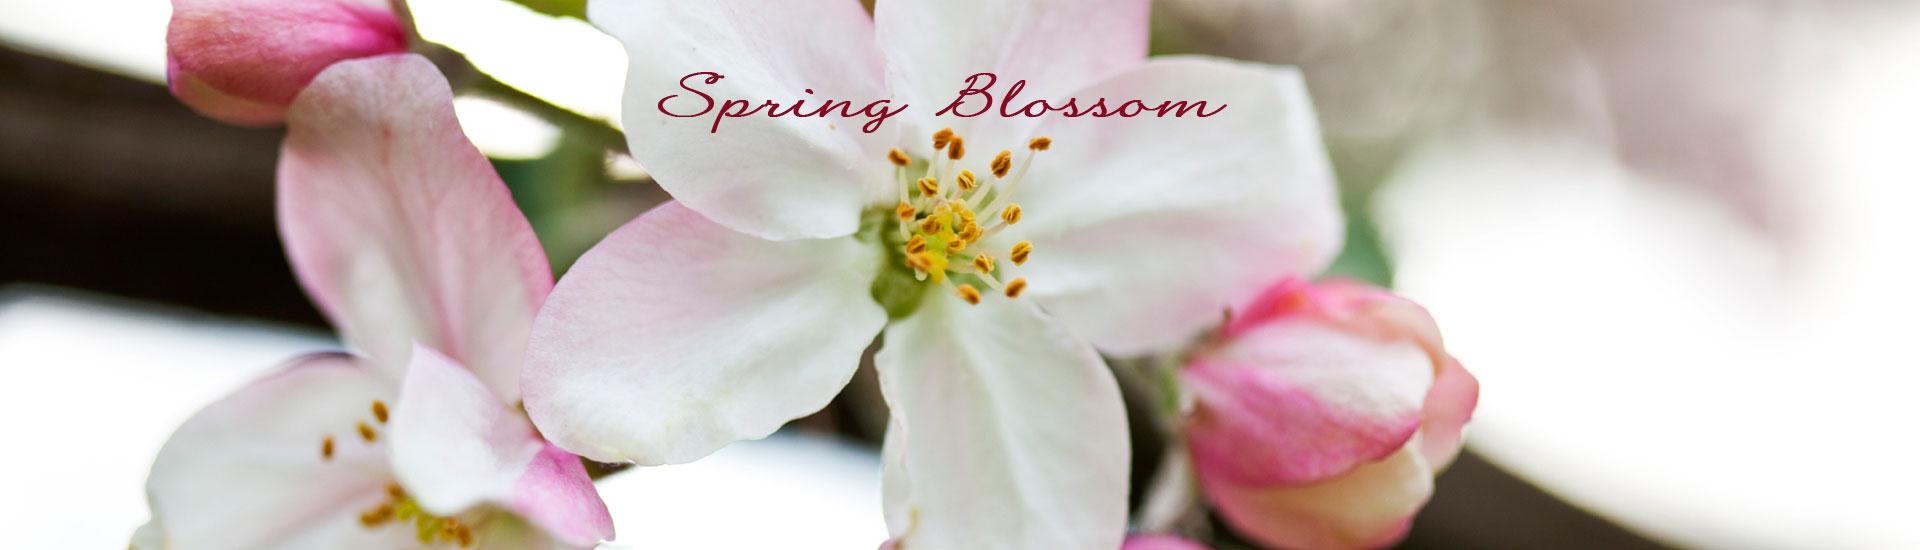 Spring Blossom Refreshment